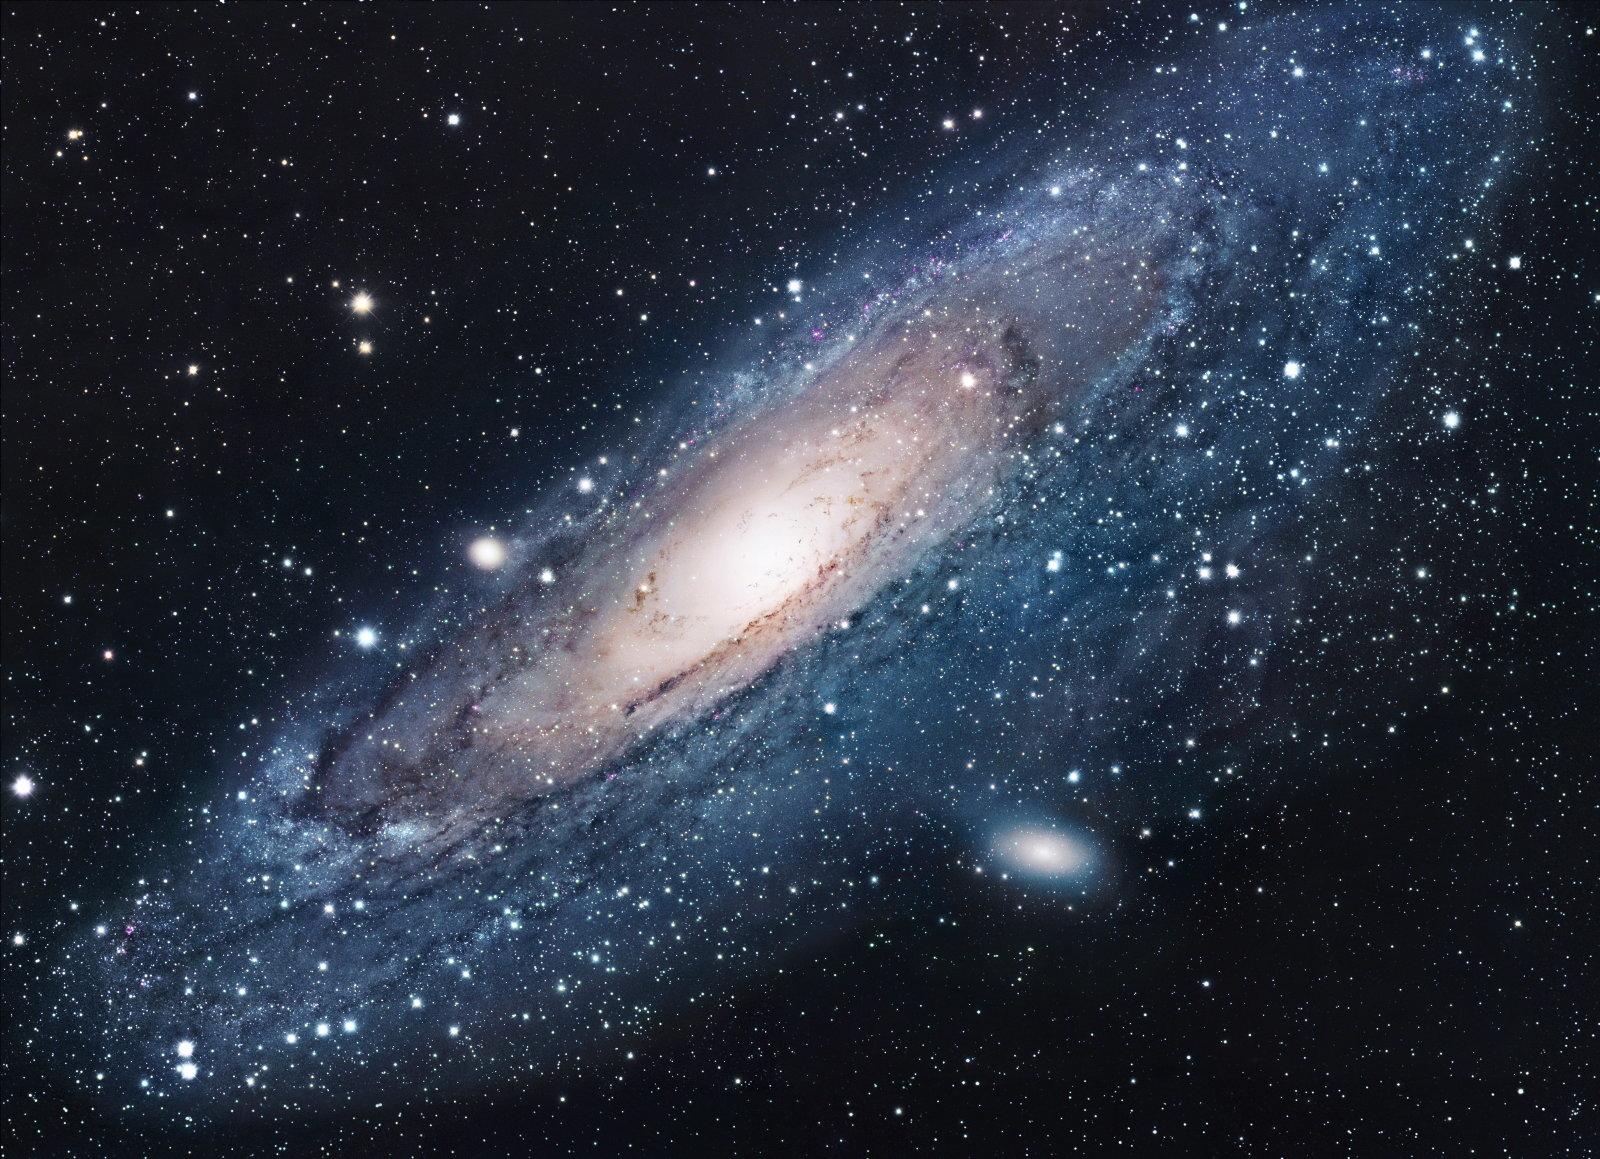 銀河系の伴銀河一覧